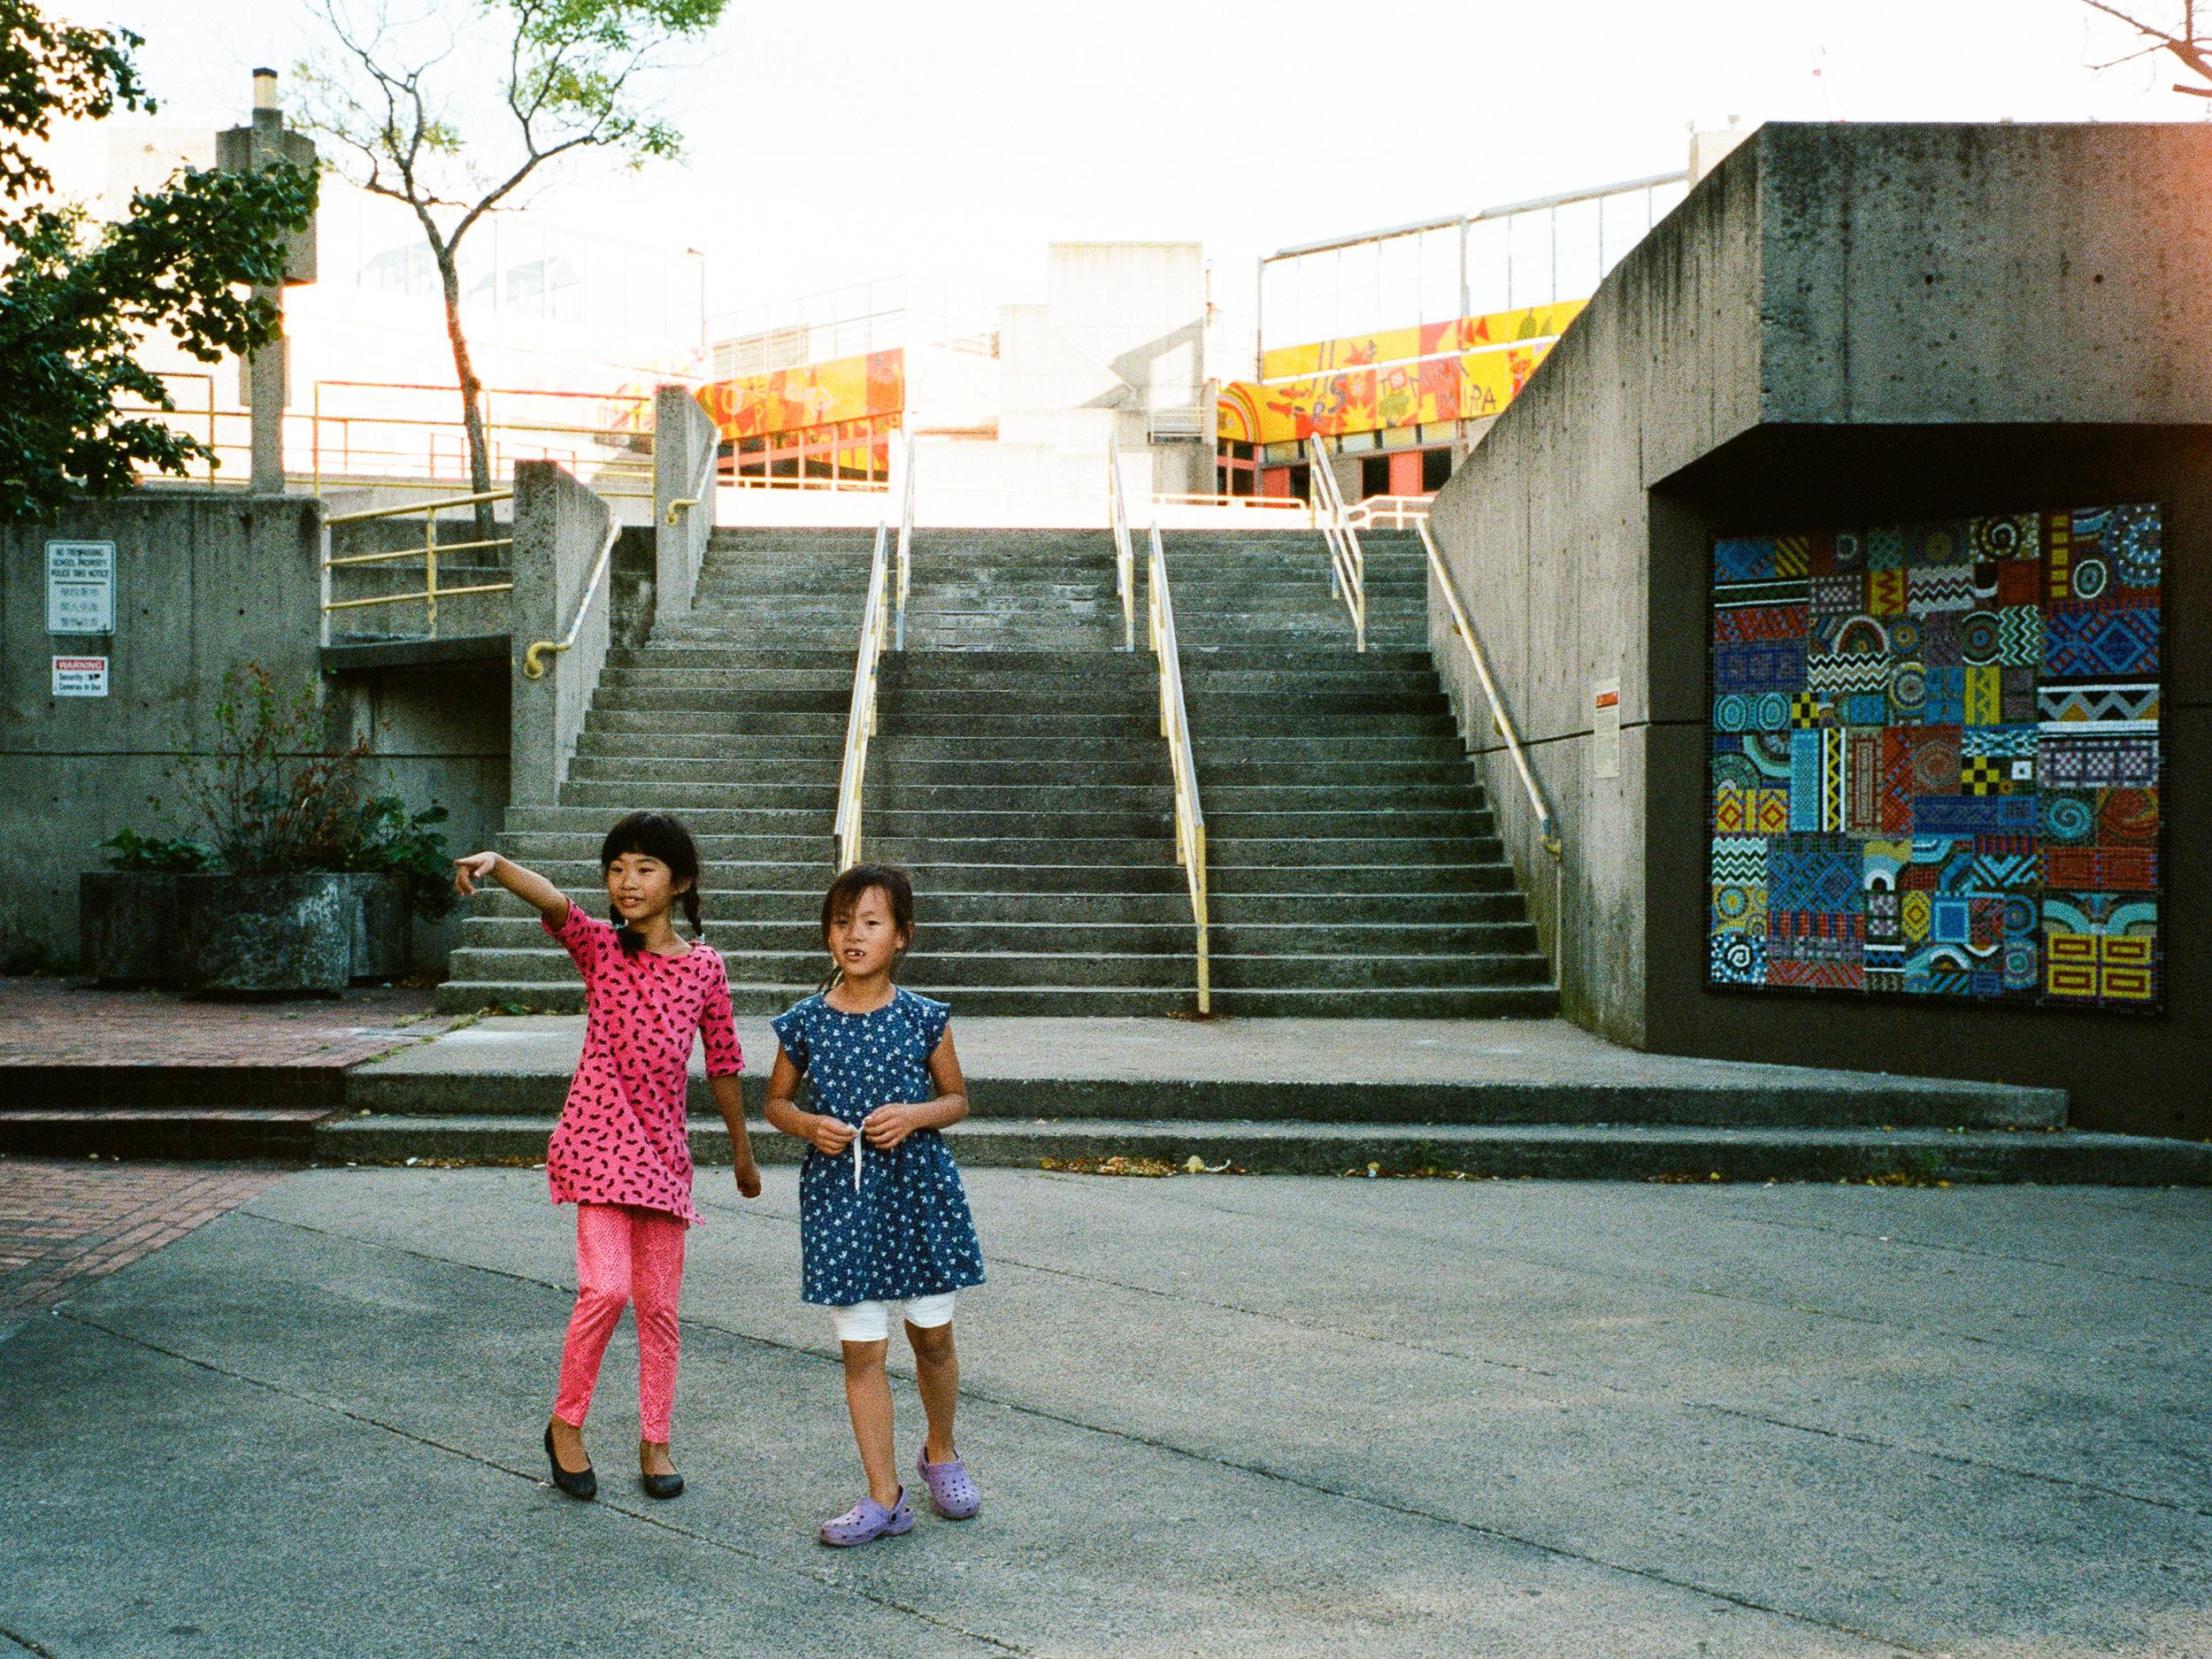 LeicaM6_Portra400-534.jpg